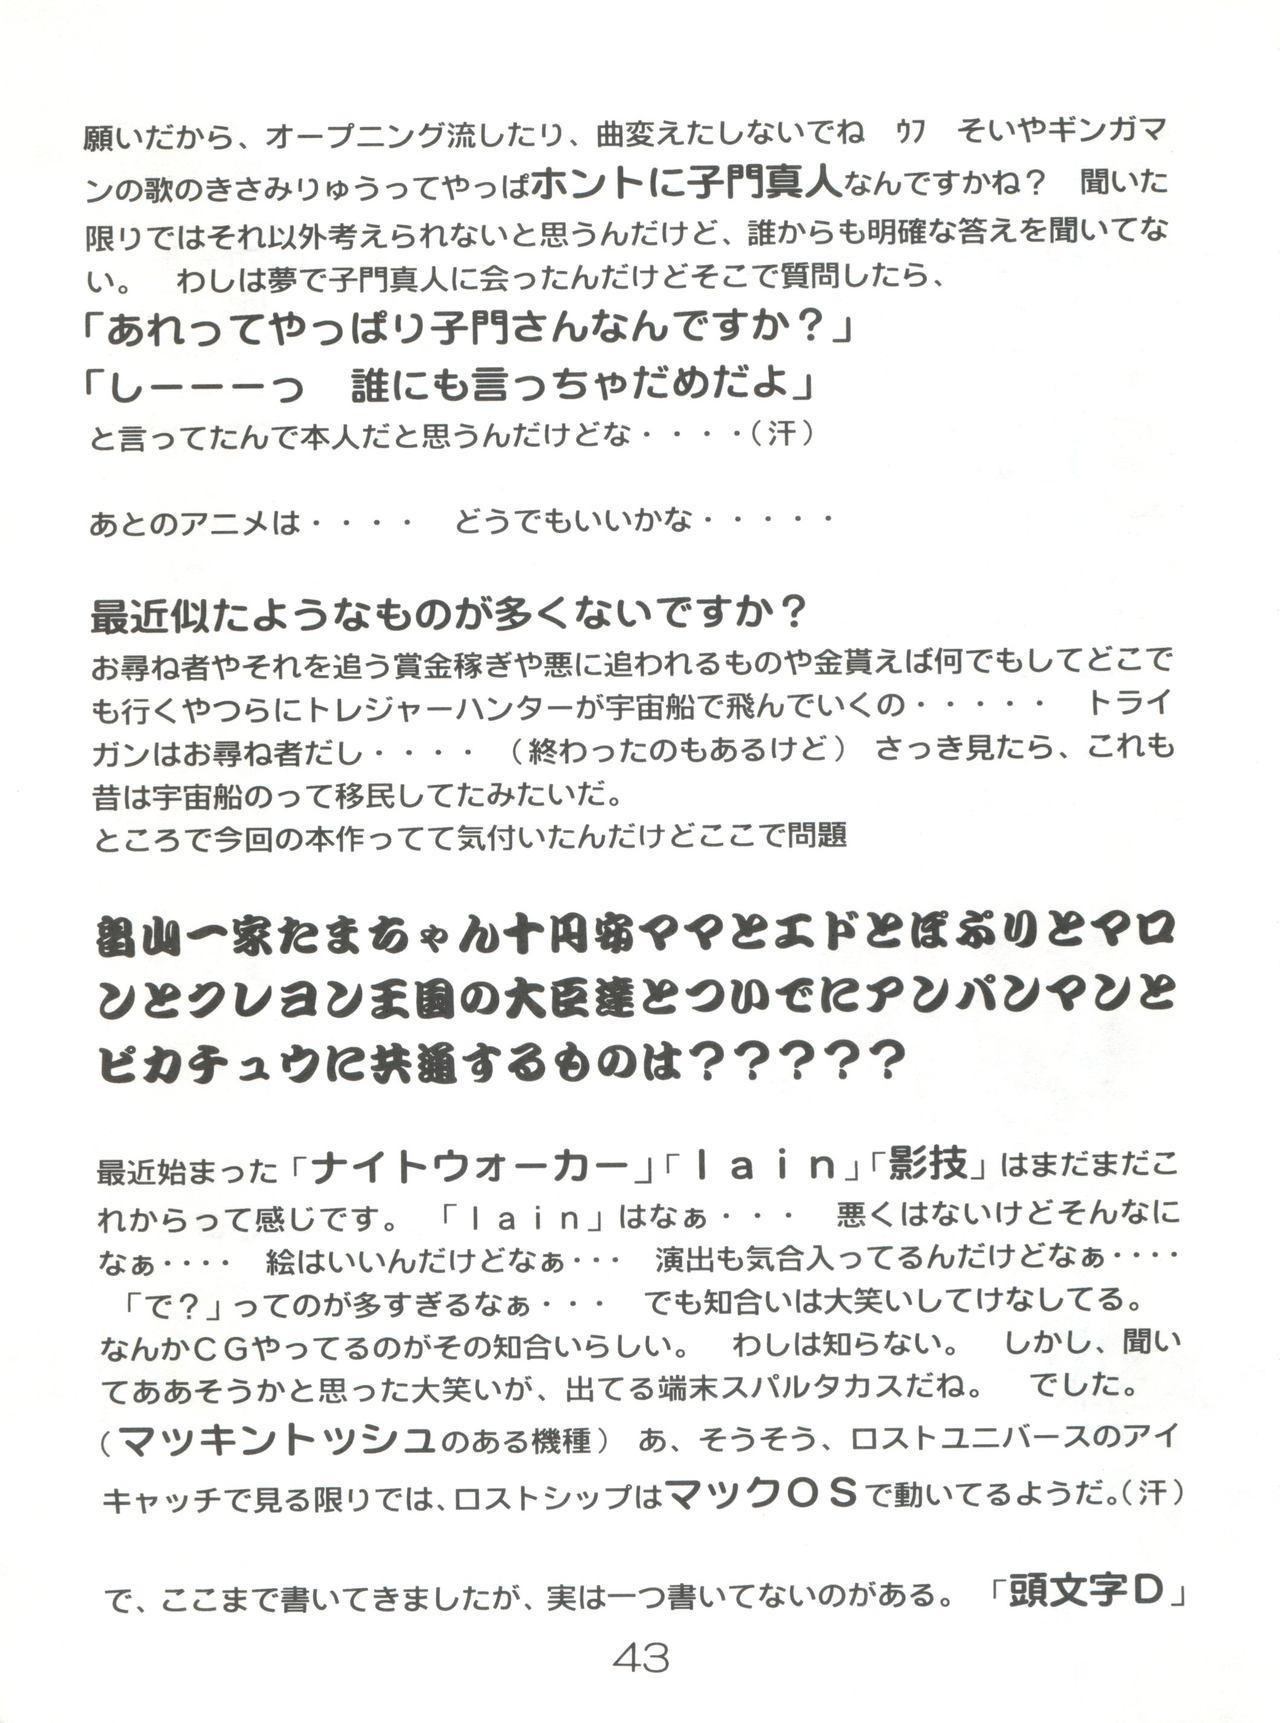 Mahou no Okusuri 41